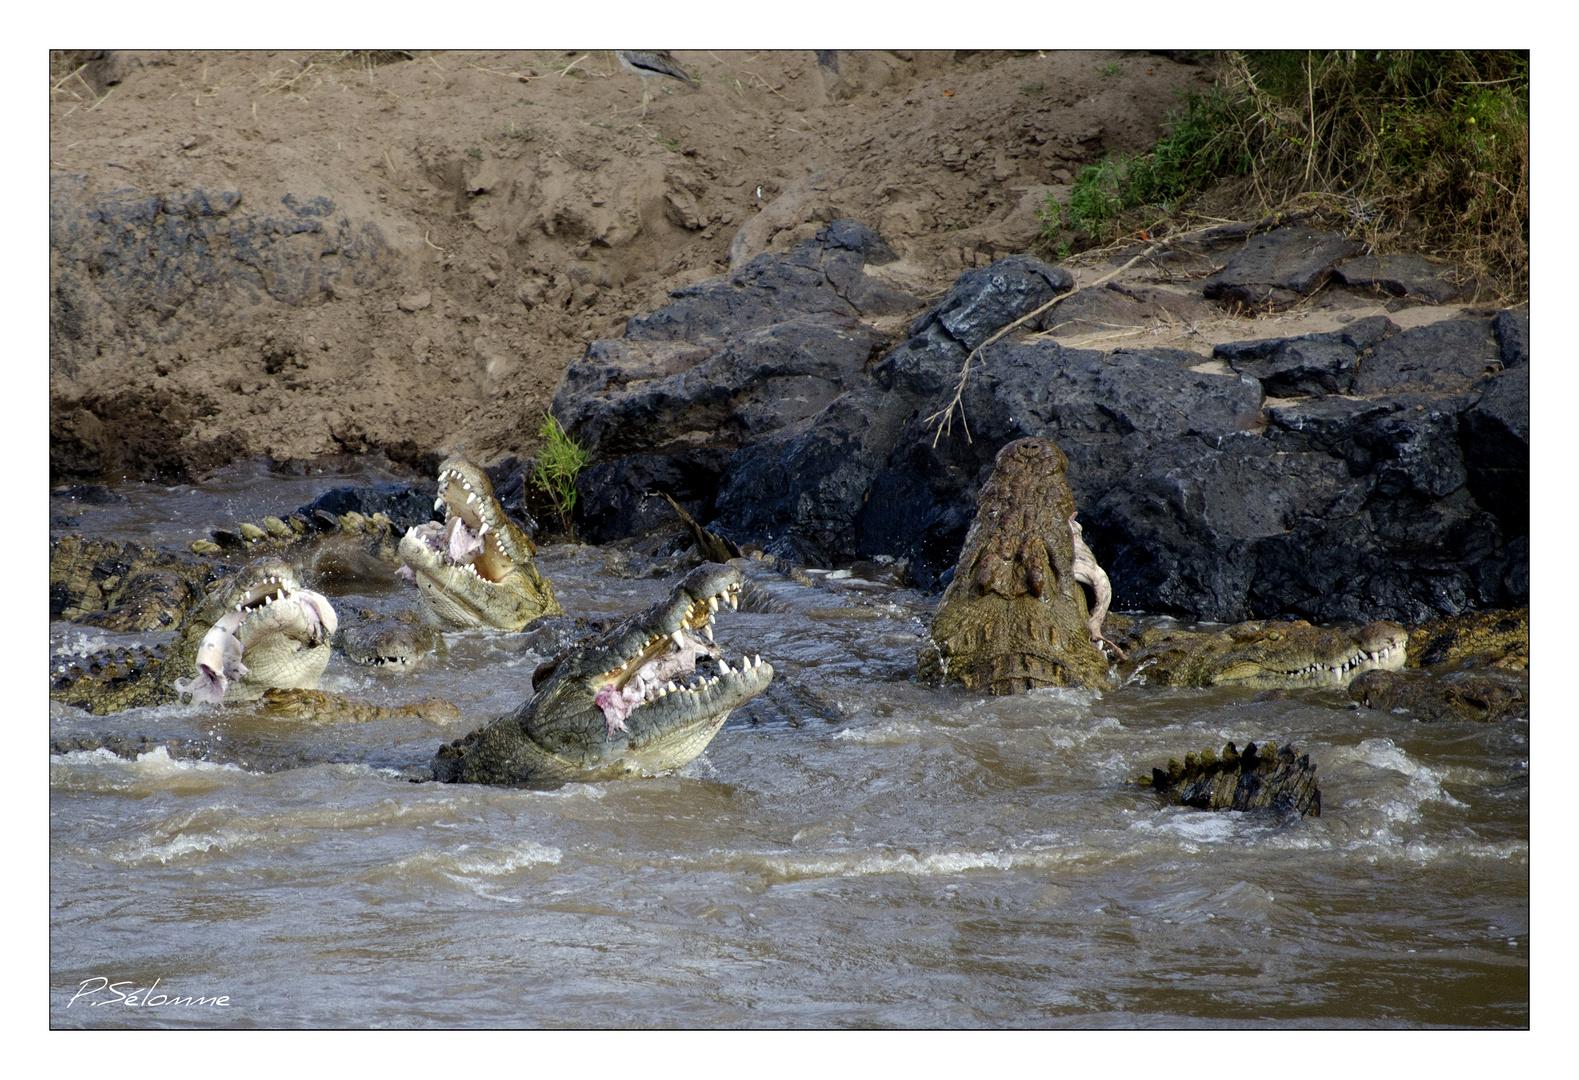 Dégustation d'hippo ......